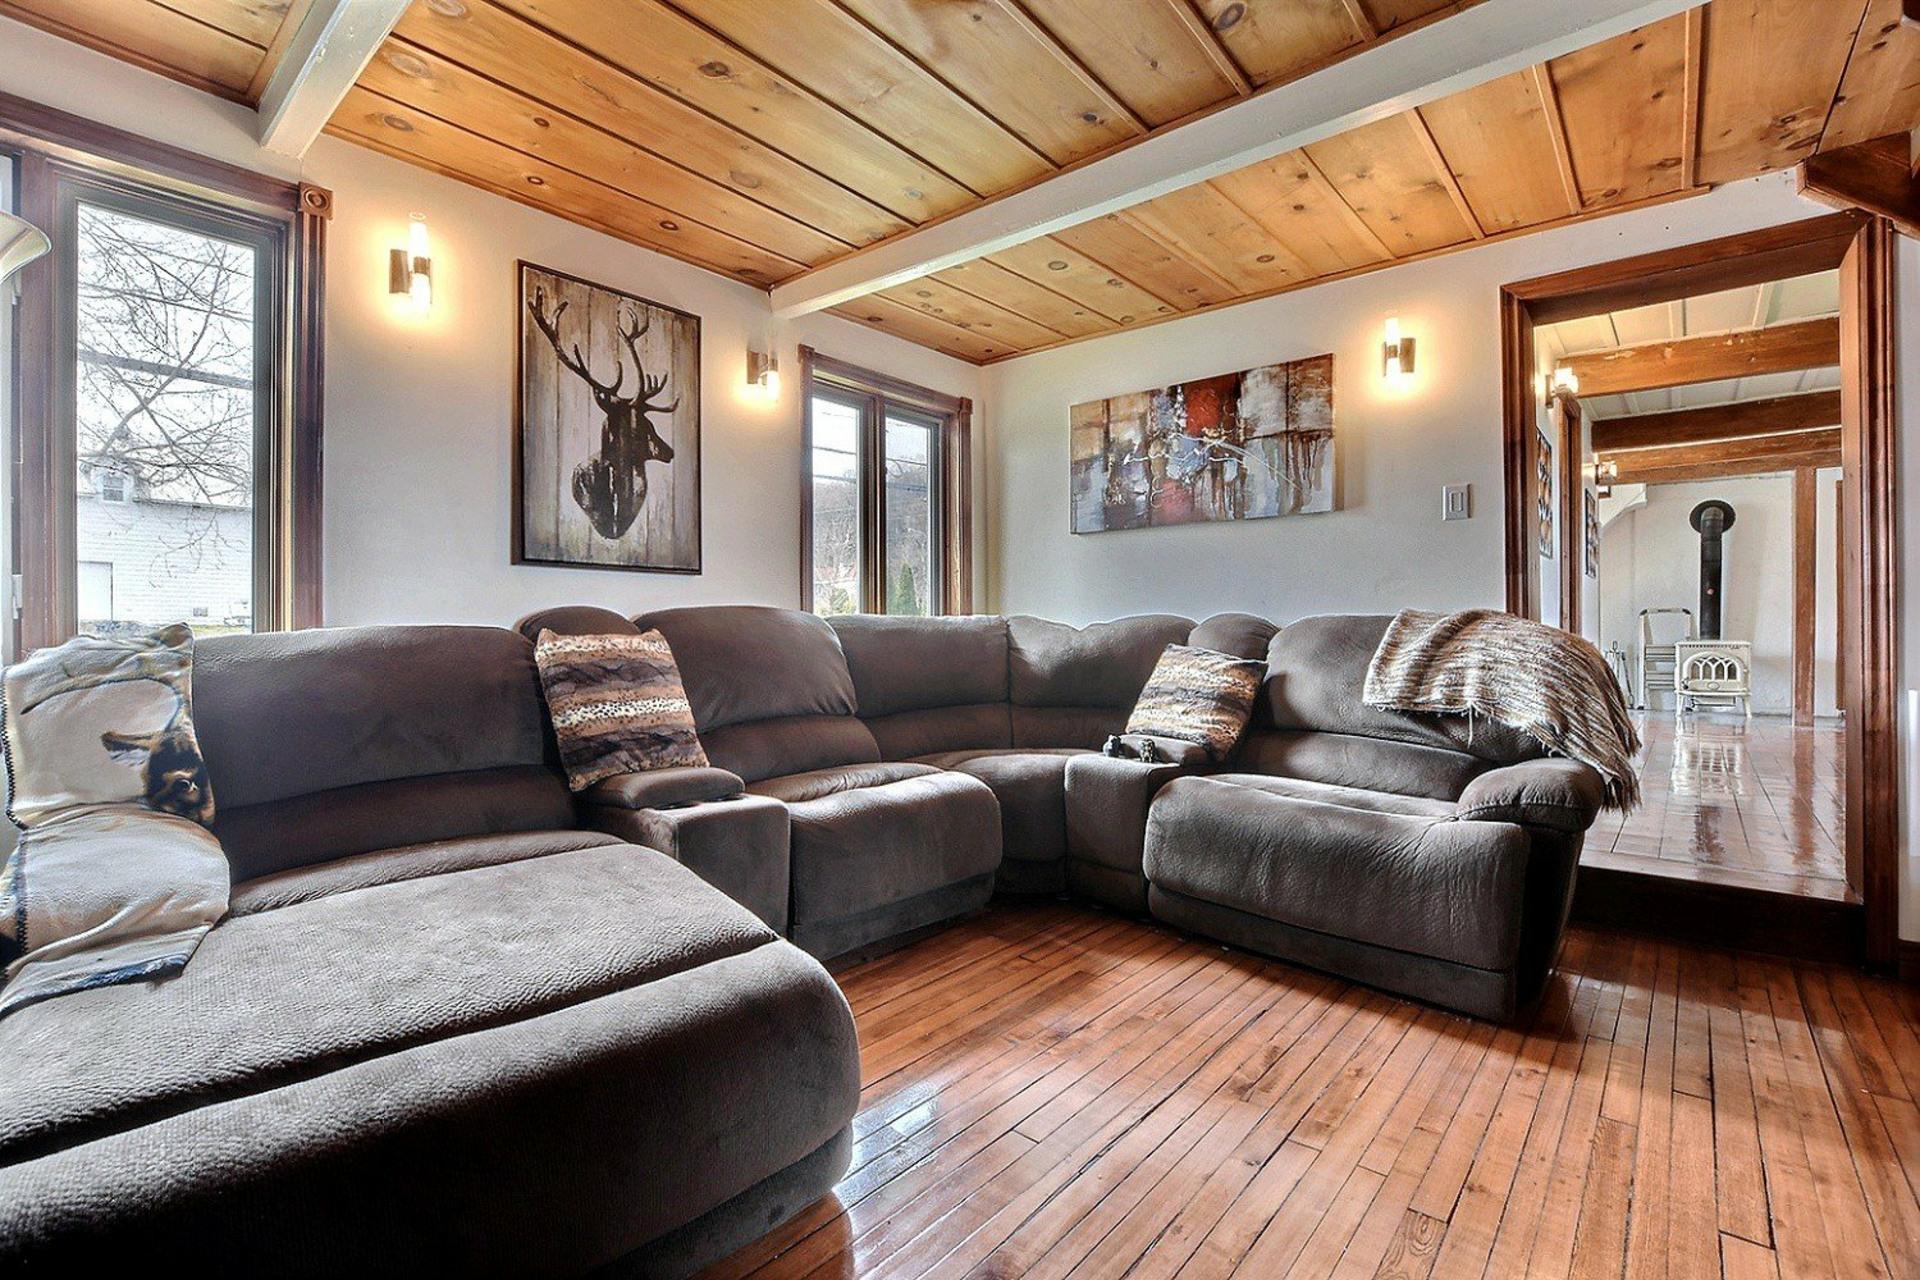 image 7 - Maison À vendre Saint-Joseph-du-Lac - 8 pièces